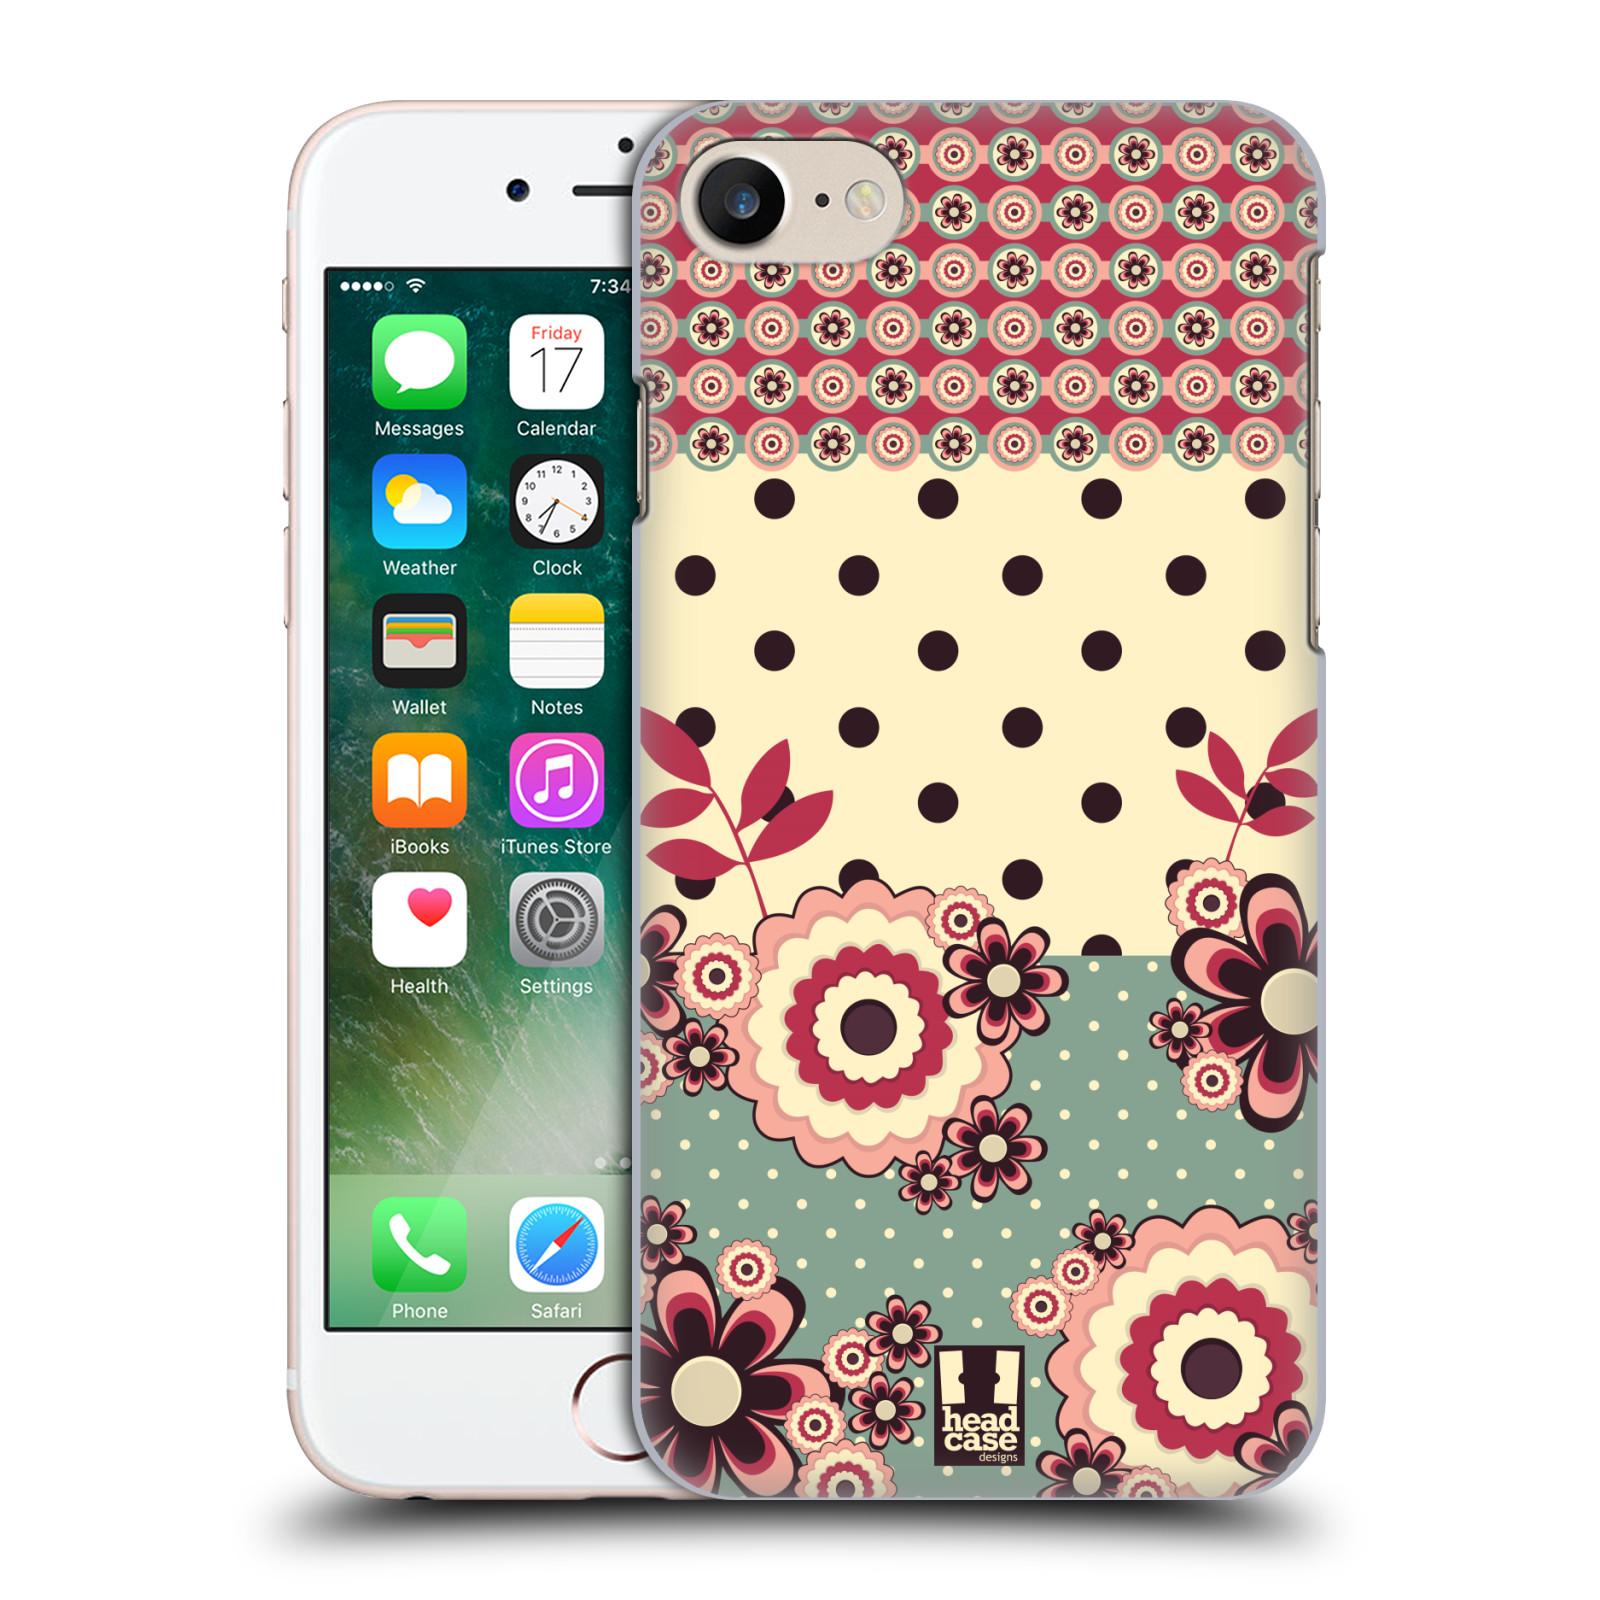 Plastové pouzdro na mobil Apple iPhone 7 HEAD CASE KVÍTKA PINK CREAM (Plastový kryt či obal na mobilní telefon Apple iPhone 7)